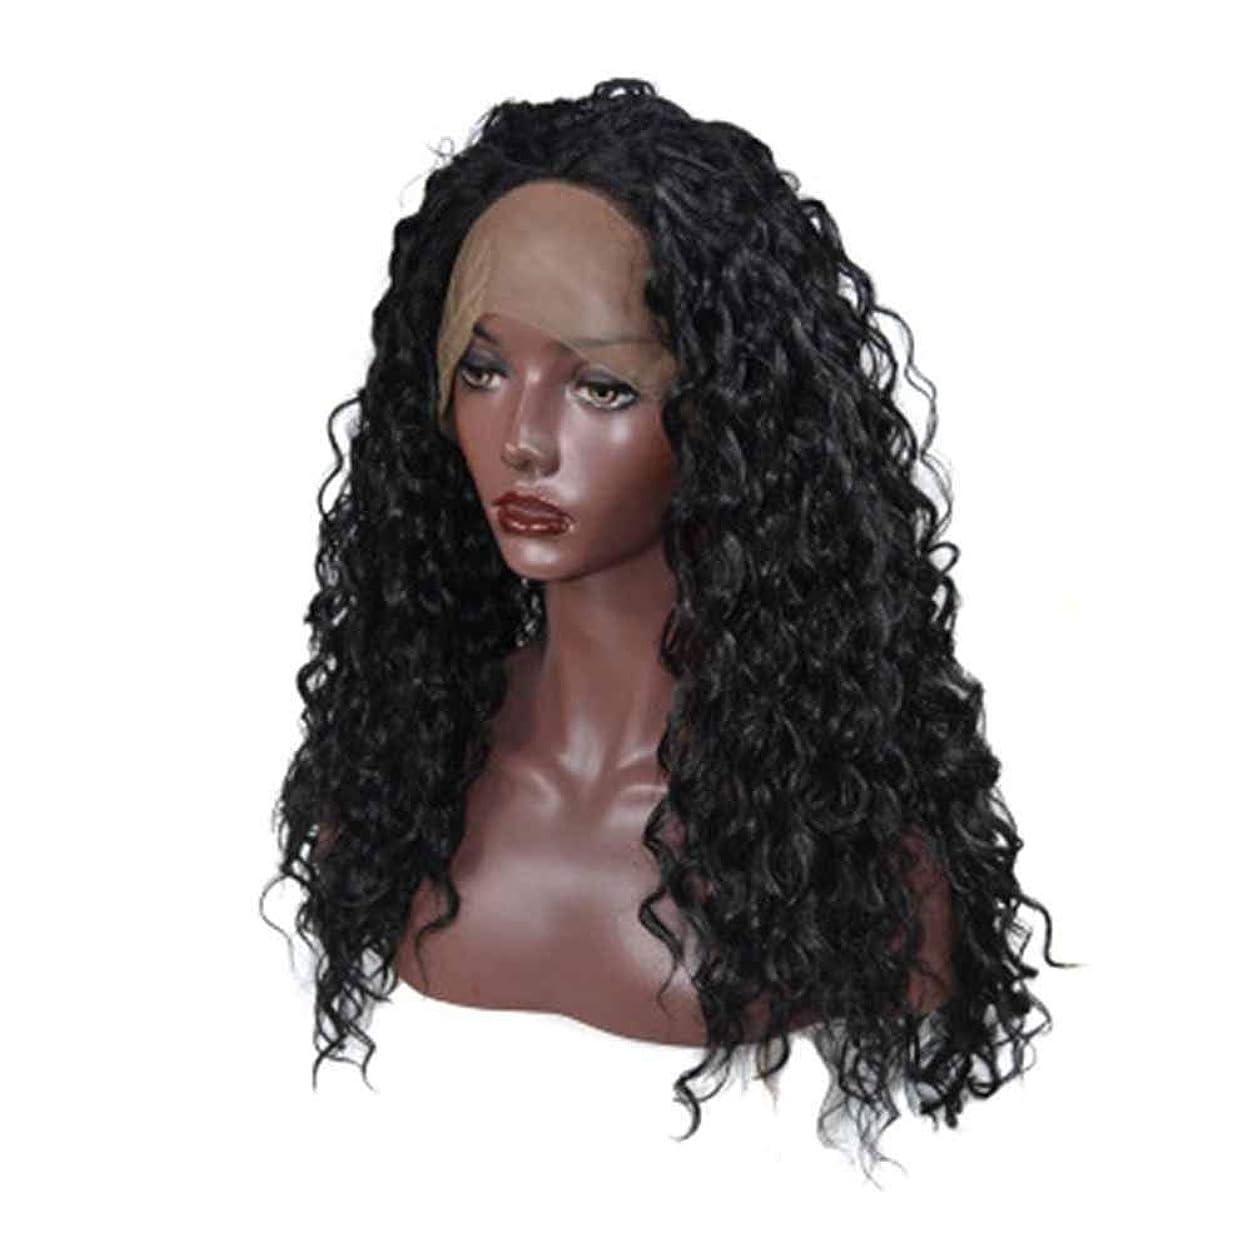 ドラマめったにスロベニアZXF ヨーロッパとアメリカのかつら女性ふわふわカーラーカバーフロントレース化学繊維偽黒小さな巻き毛の長い巻き毛の女性のかつらヘッドギア 美しい